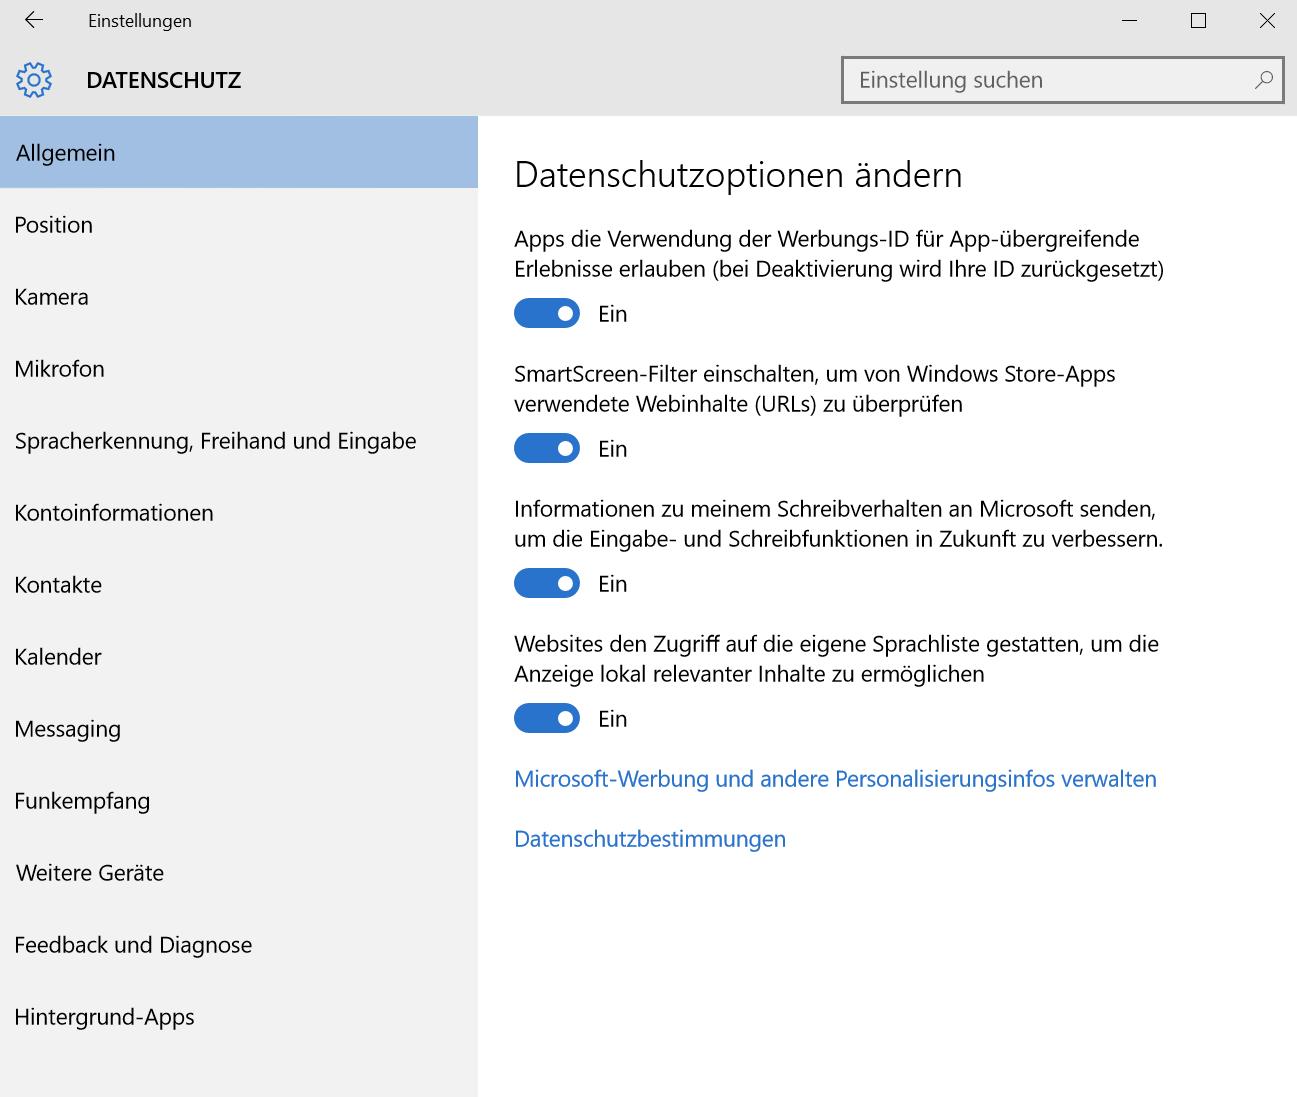 Bild: Windows 10 Datenschutz-Einstellungen (Screenshot)